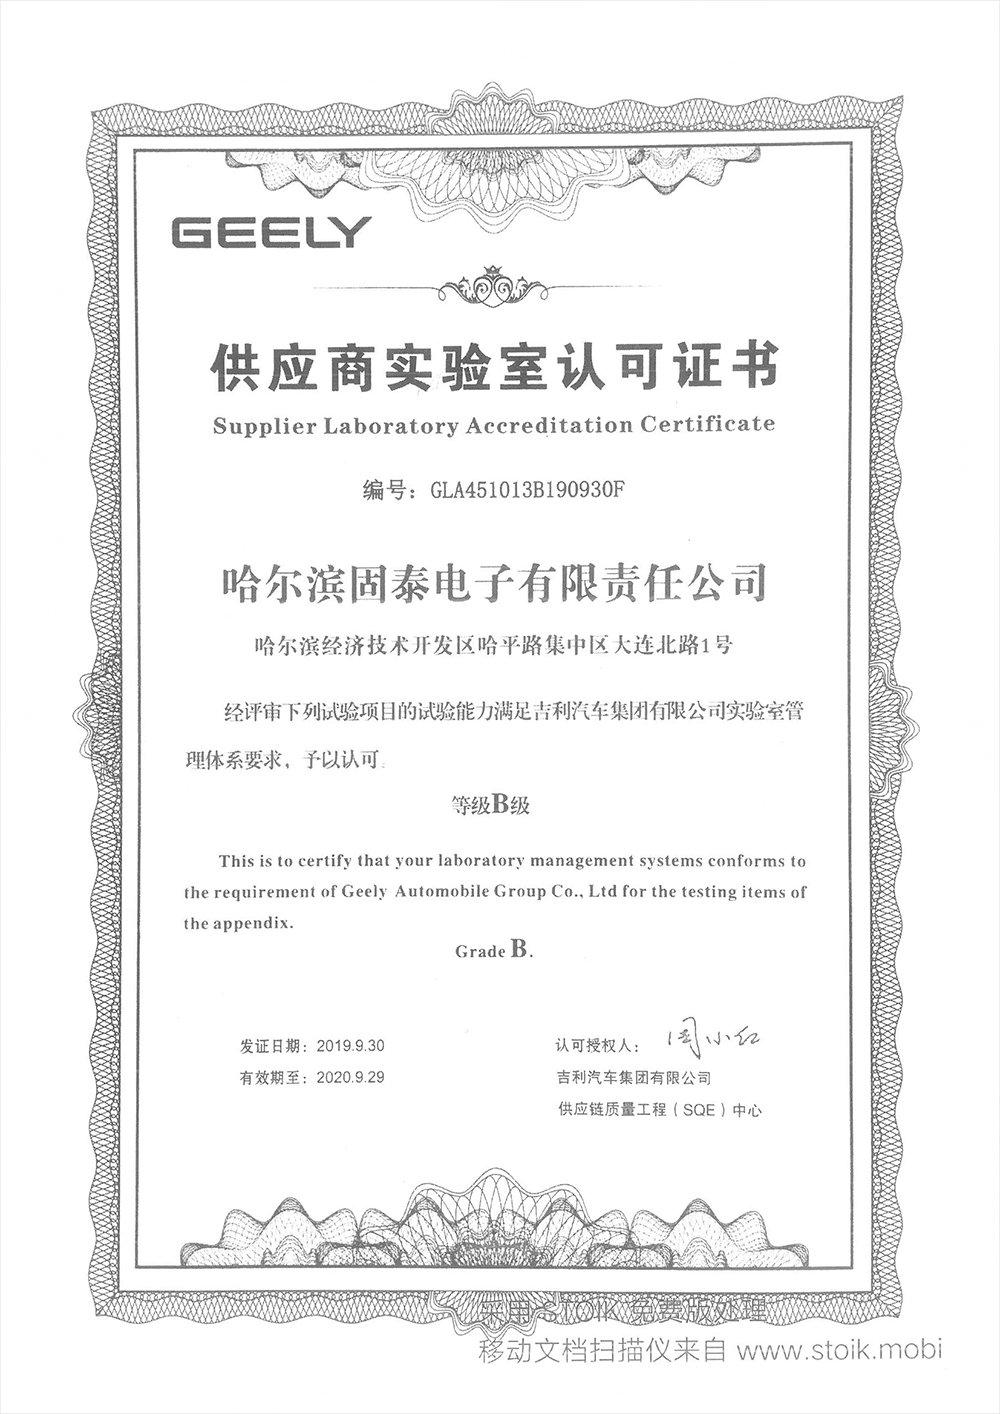 供應商實驗室認可證書--吉利汽車